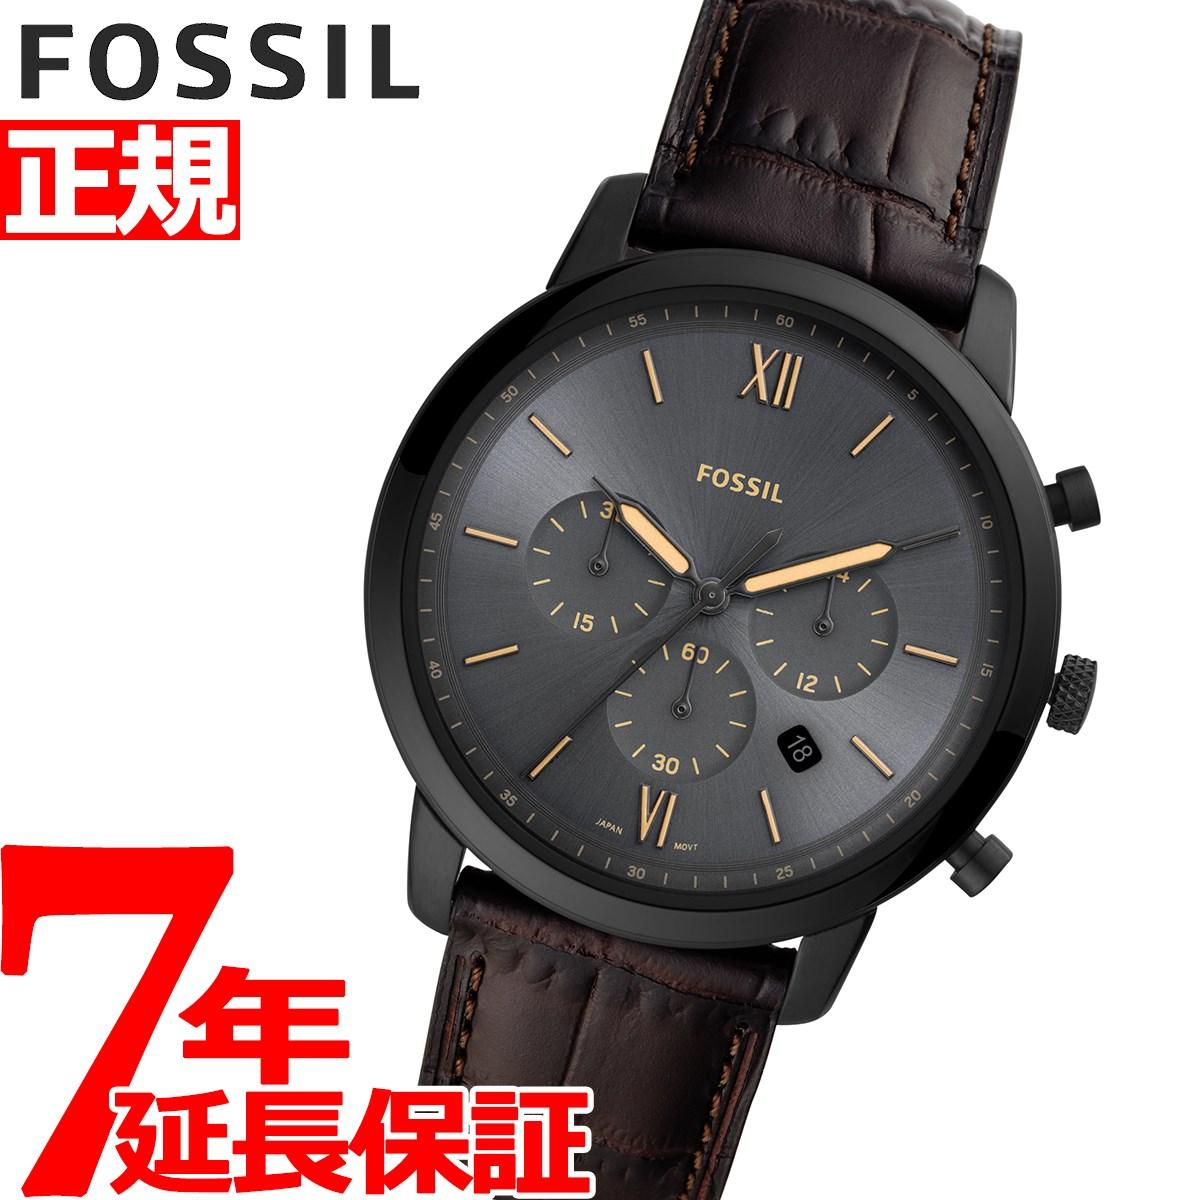 【5日0時~♪2000円OFFクーポン&店内ポイント最大51倍!5日23時59分まで】フォッシル FOSSIL 腕時計 メンズ ニュートラクロノ NEUTRA CHRONO クロノグラフ FS5579